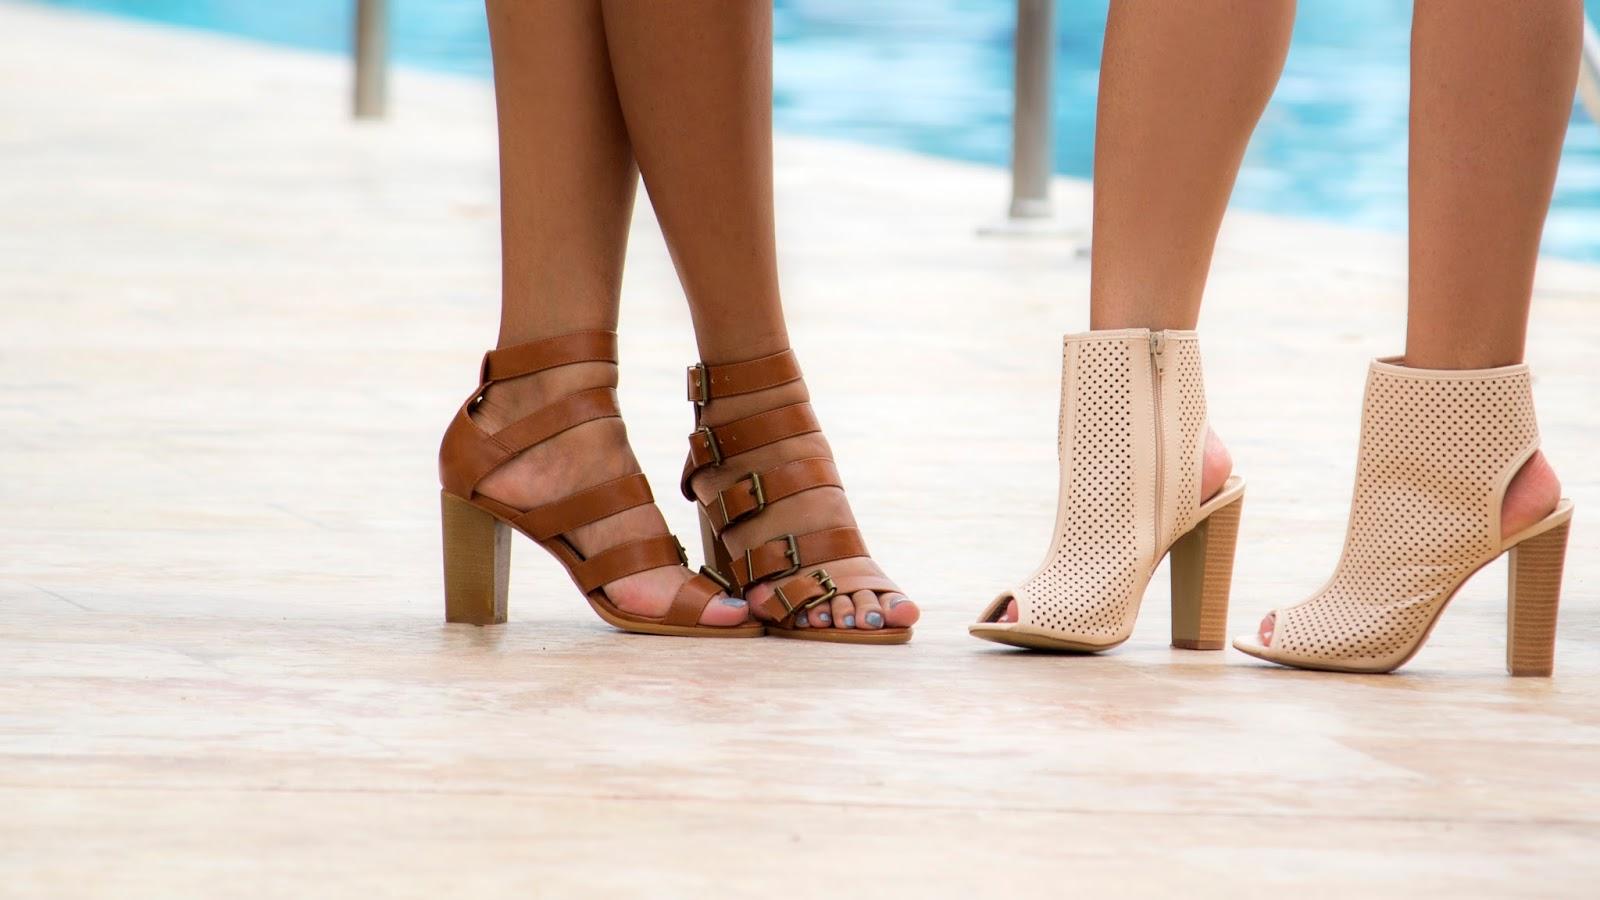 5e5db7b8 La temporada primavera-verano de la marca española de calzado MARYPAZ  ofrece la colección más completa inspirada en las pasarelas de moda  internacionales y ...